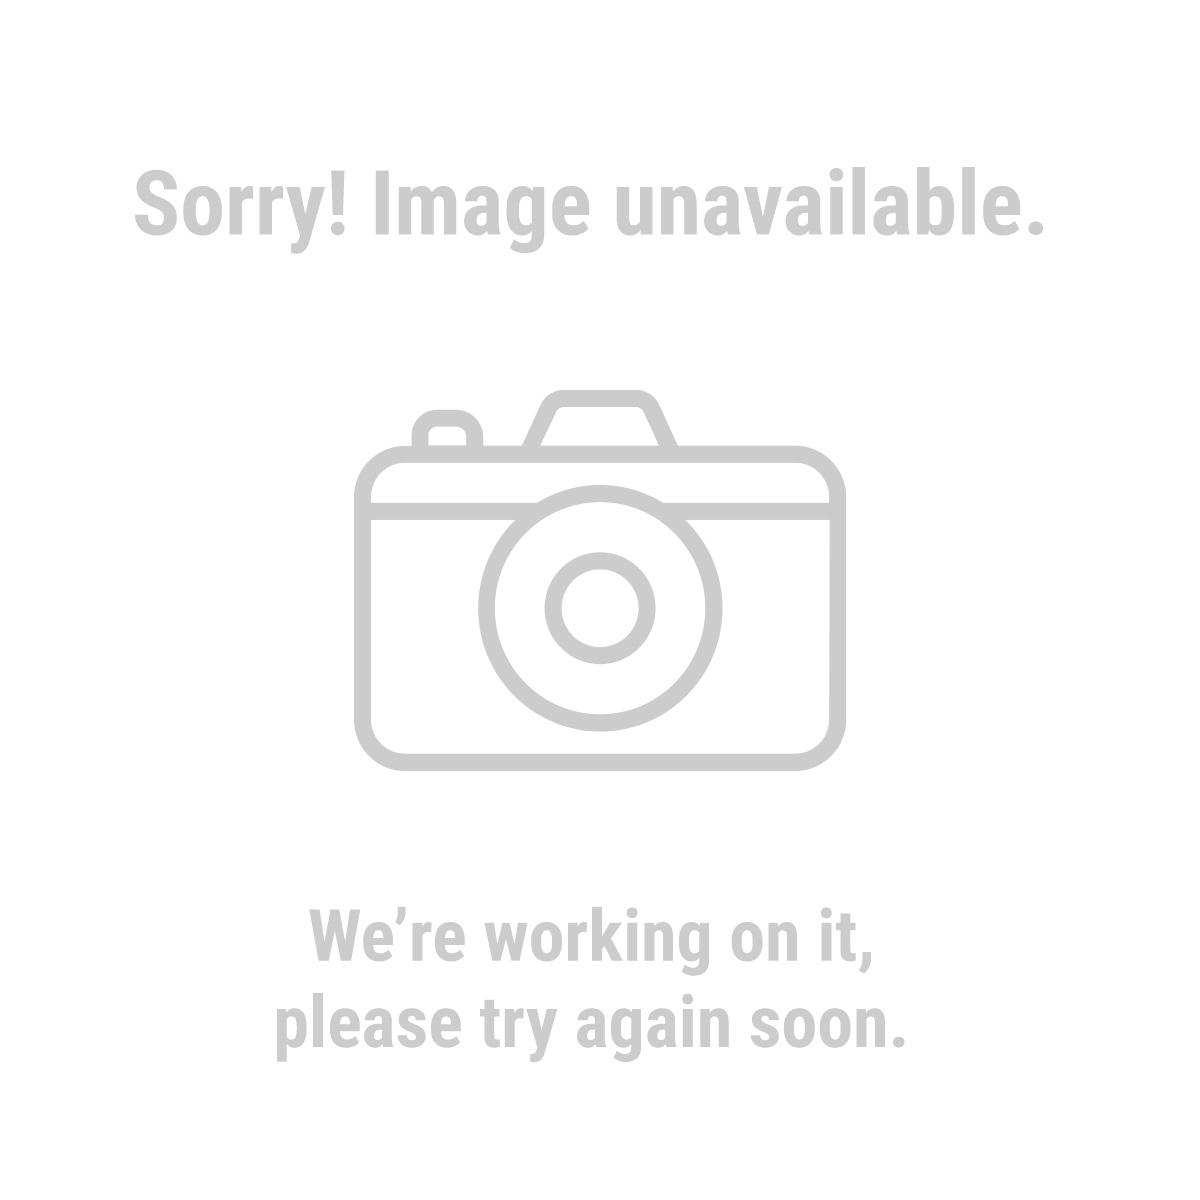 Warrior 61545 3/16 in. Titanium Nitride Coated High Speed Steel Drill Bits, 7 Piece